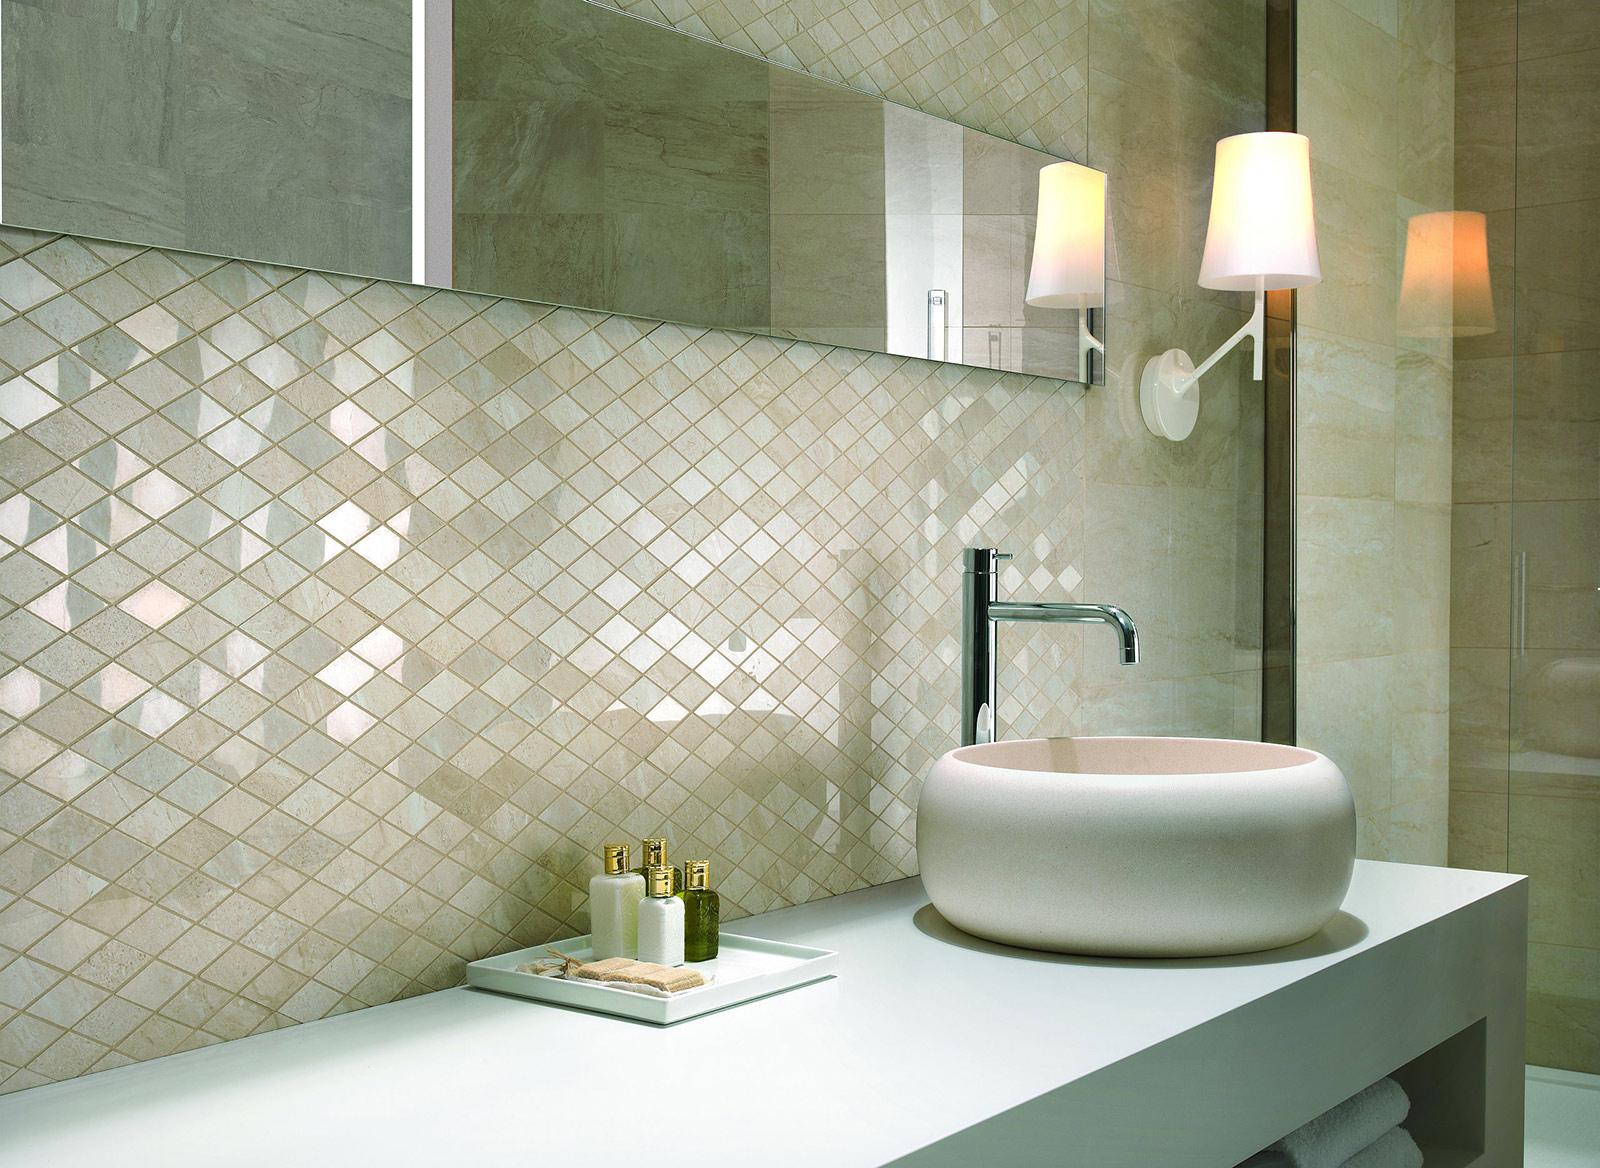 bagno con pavimento effetto legno chiaro: essenziale il ... - Bagno Con Gres Effetto Legno